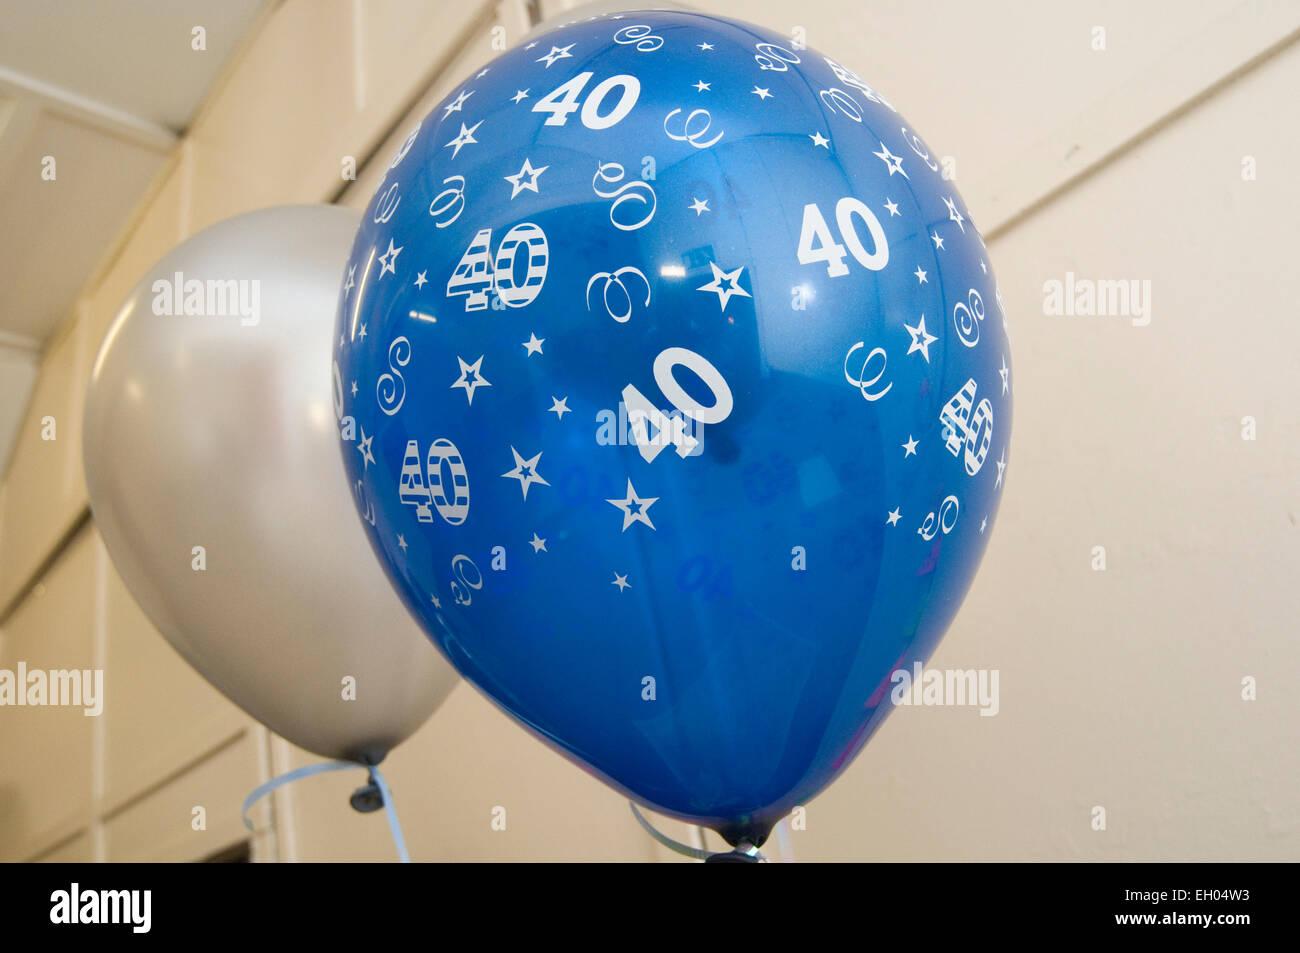 40e 40e quarante tournant l'âge moyen de partie Obtenir vieille gueule gueule de parties Photo Stock